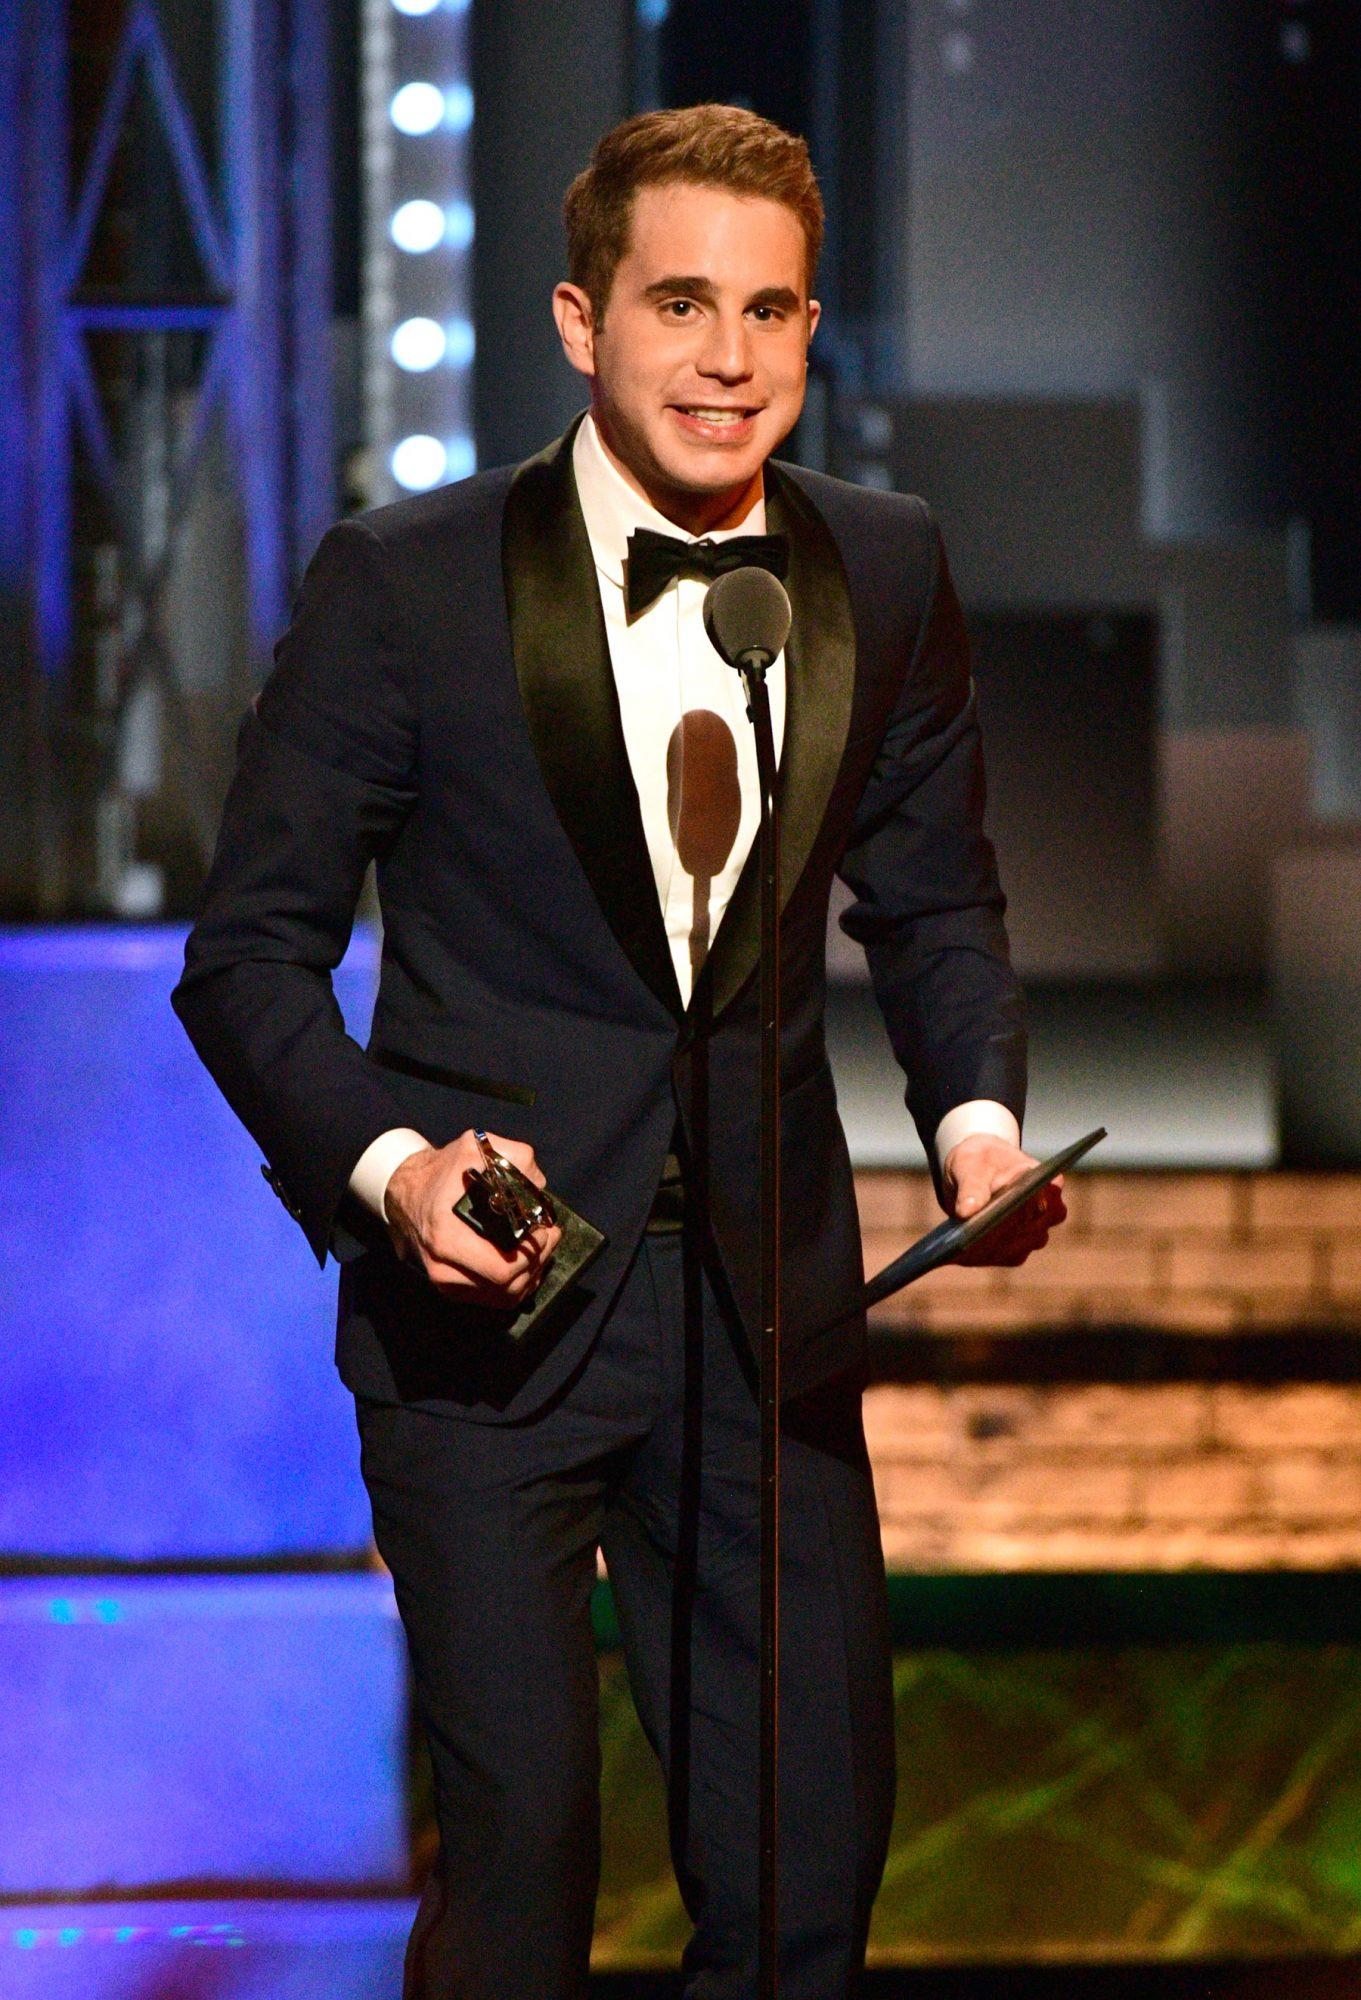 The 71st Annual Tony Awards